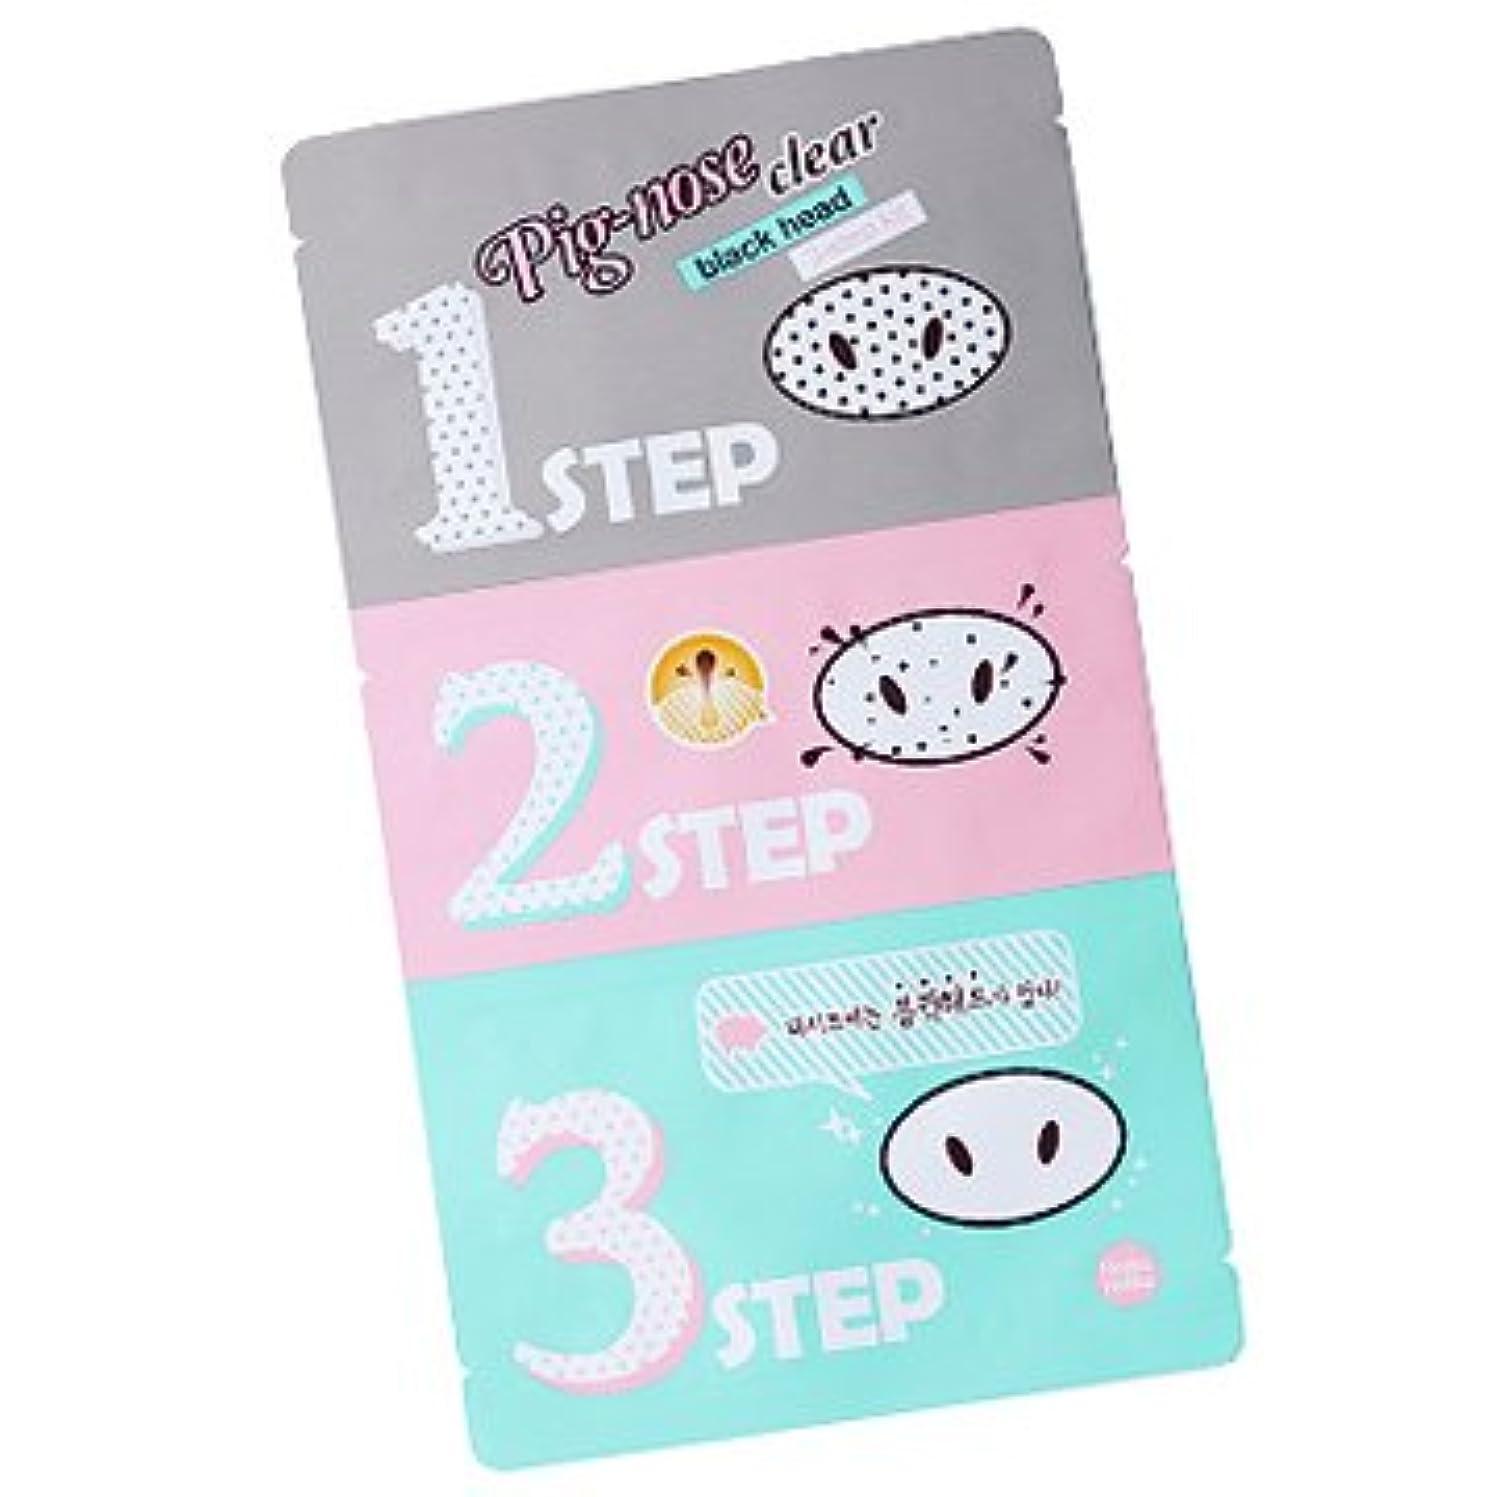 可愛い説教トラフHolika Holika Pig Nose Clear Black Head 3-Step Kit 10EA (Nose Pack) ホリカホリカ ピグノーズクリアブラックヘッド3-Stepキット(鼻パック) 10pcs...